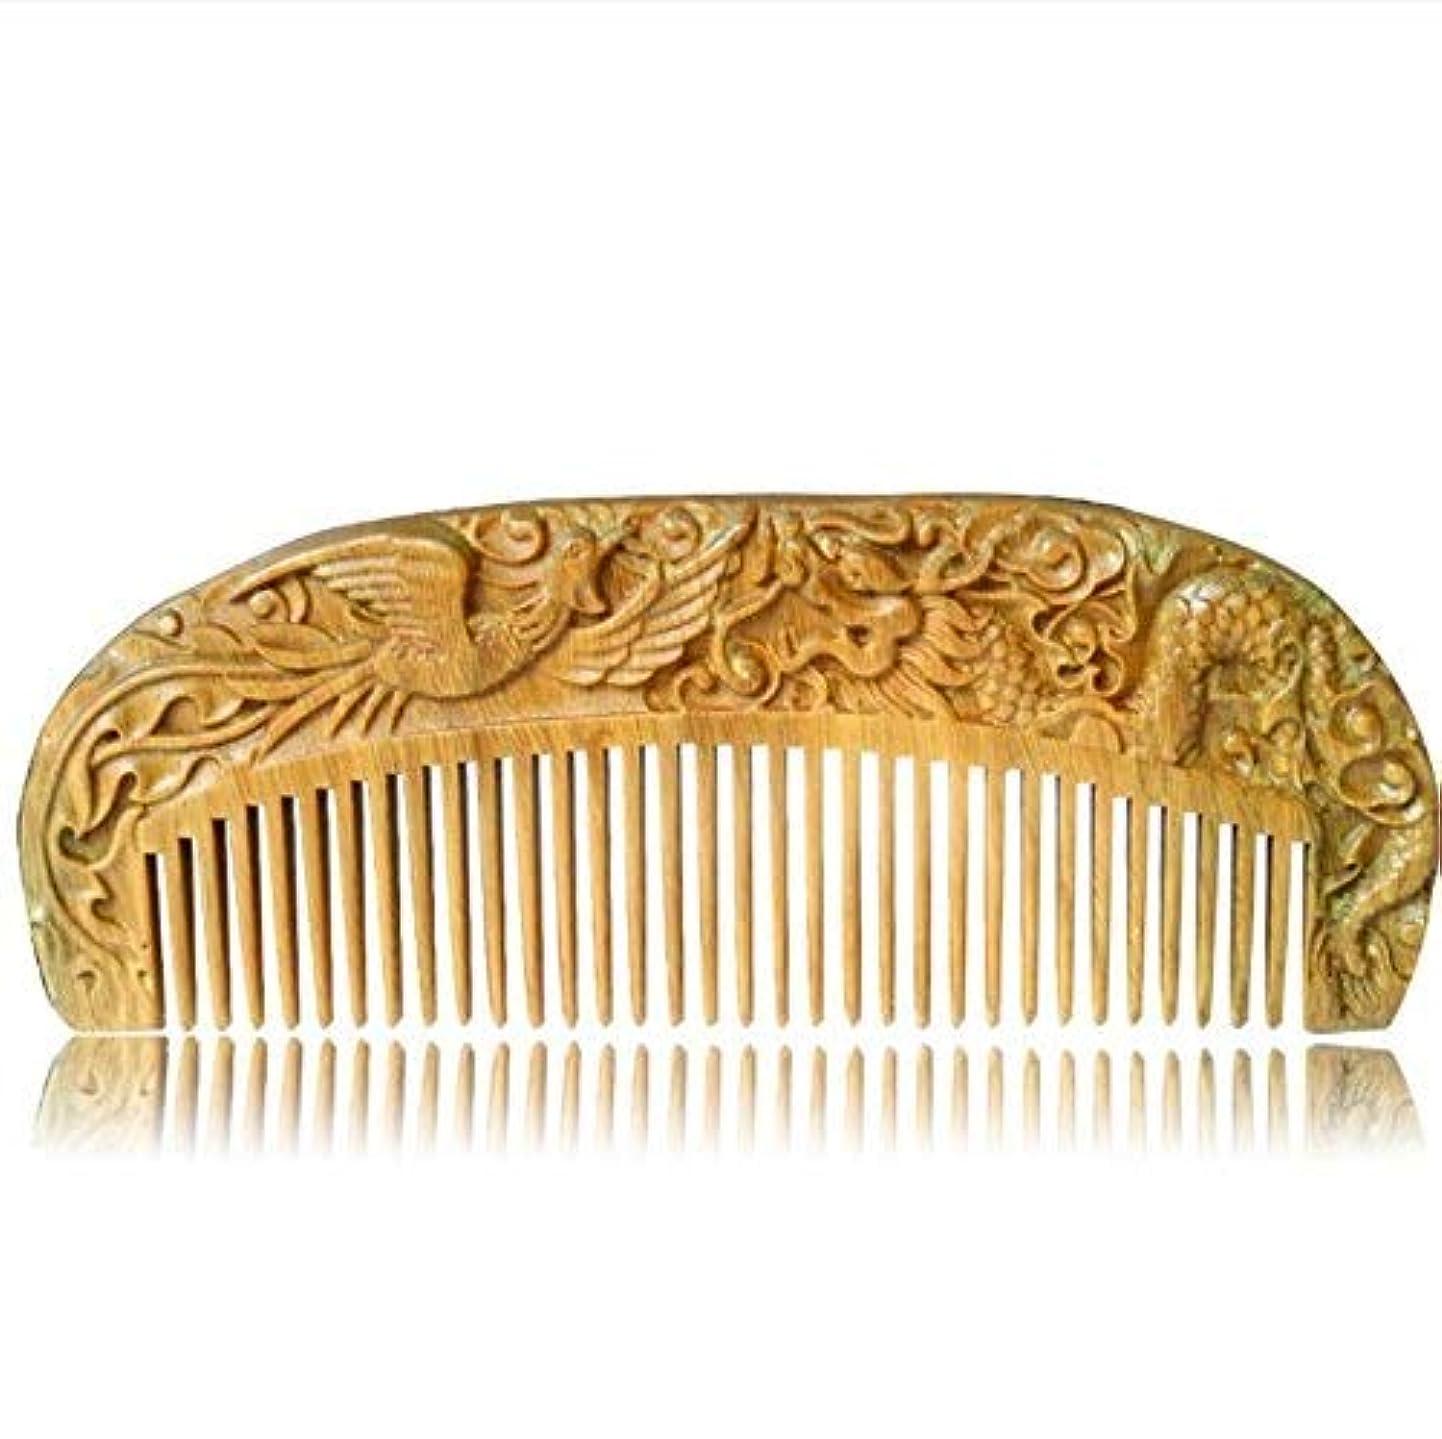 祝福するフットボール変形Handmade Carved Natural Sandalwood Hair Comb - Anti-Static Sandalwood Hair Comb Beard Brush Rake Comb Handmade Engraving Dragon and Phoenix [並行輸入品]